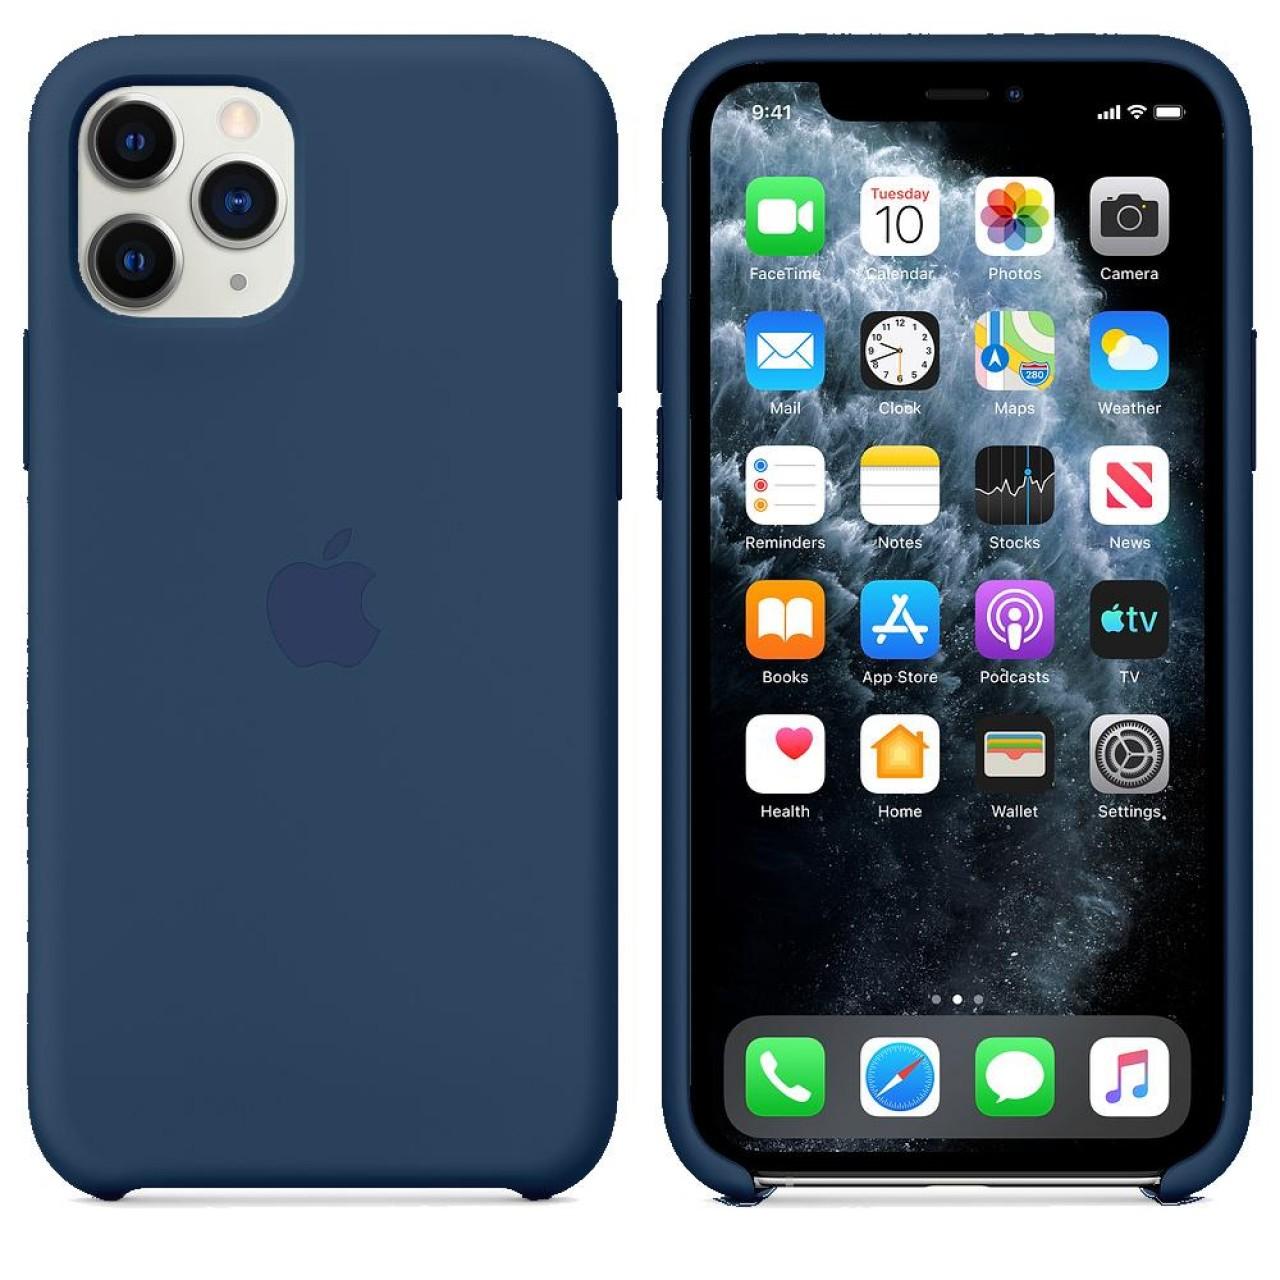 ΘΗΚΗ ΠΡΟΣΤΑΣΙΑΣ ΣΙΛΙΚΟΝΗΣ ΓΙΑ iPhone 11 PRO MAX ΜΠΛΕ - BACK COVER SILICON CASE NAVY BLUE - OEM